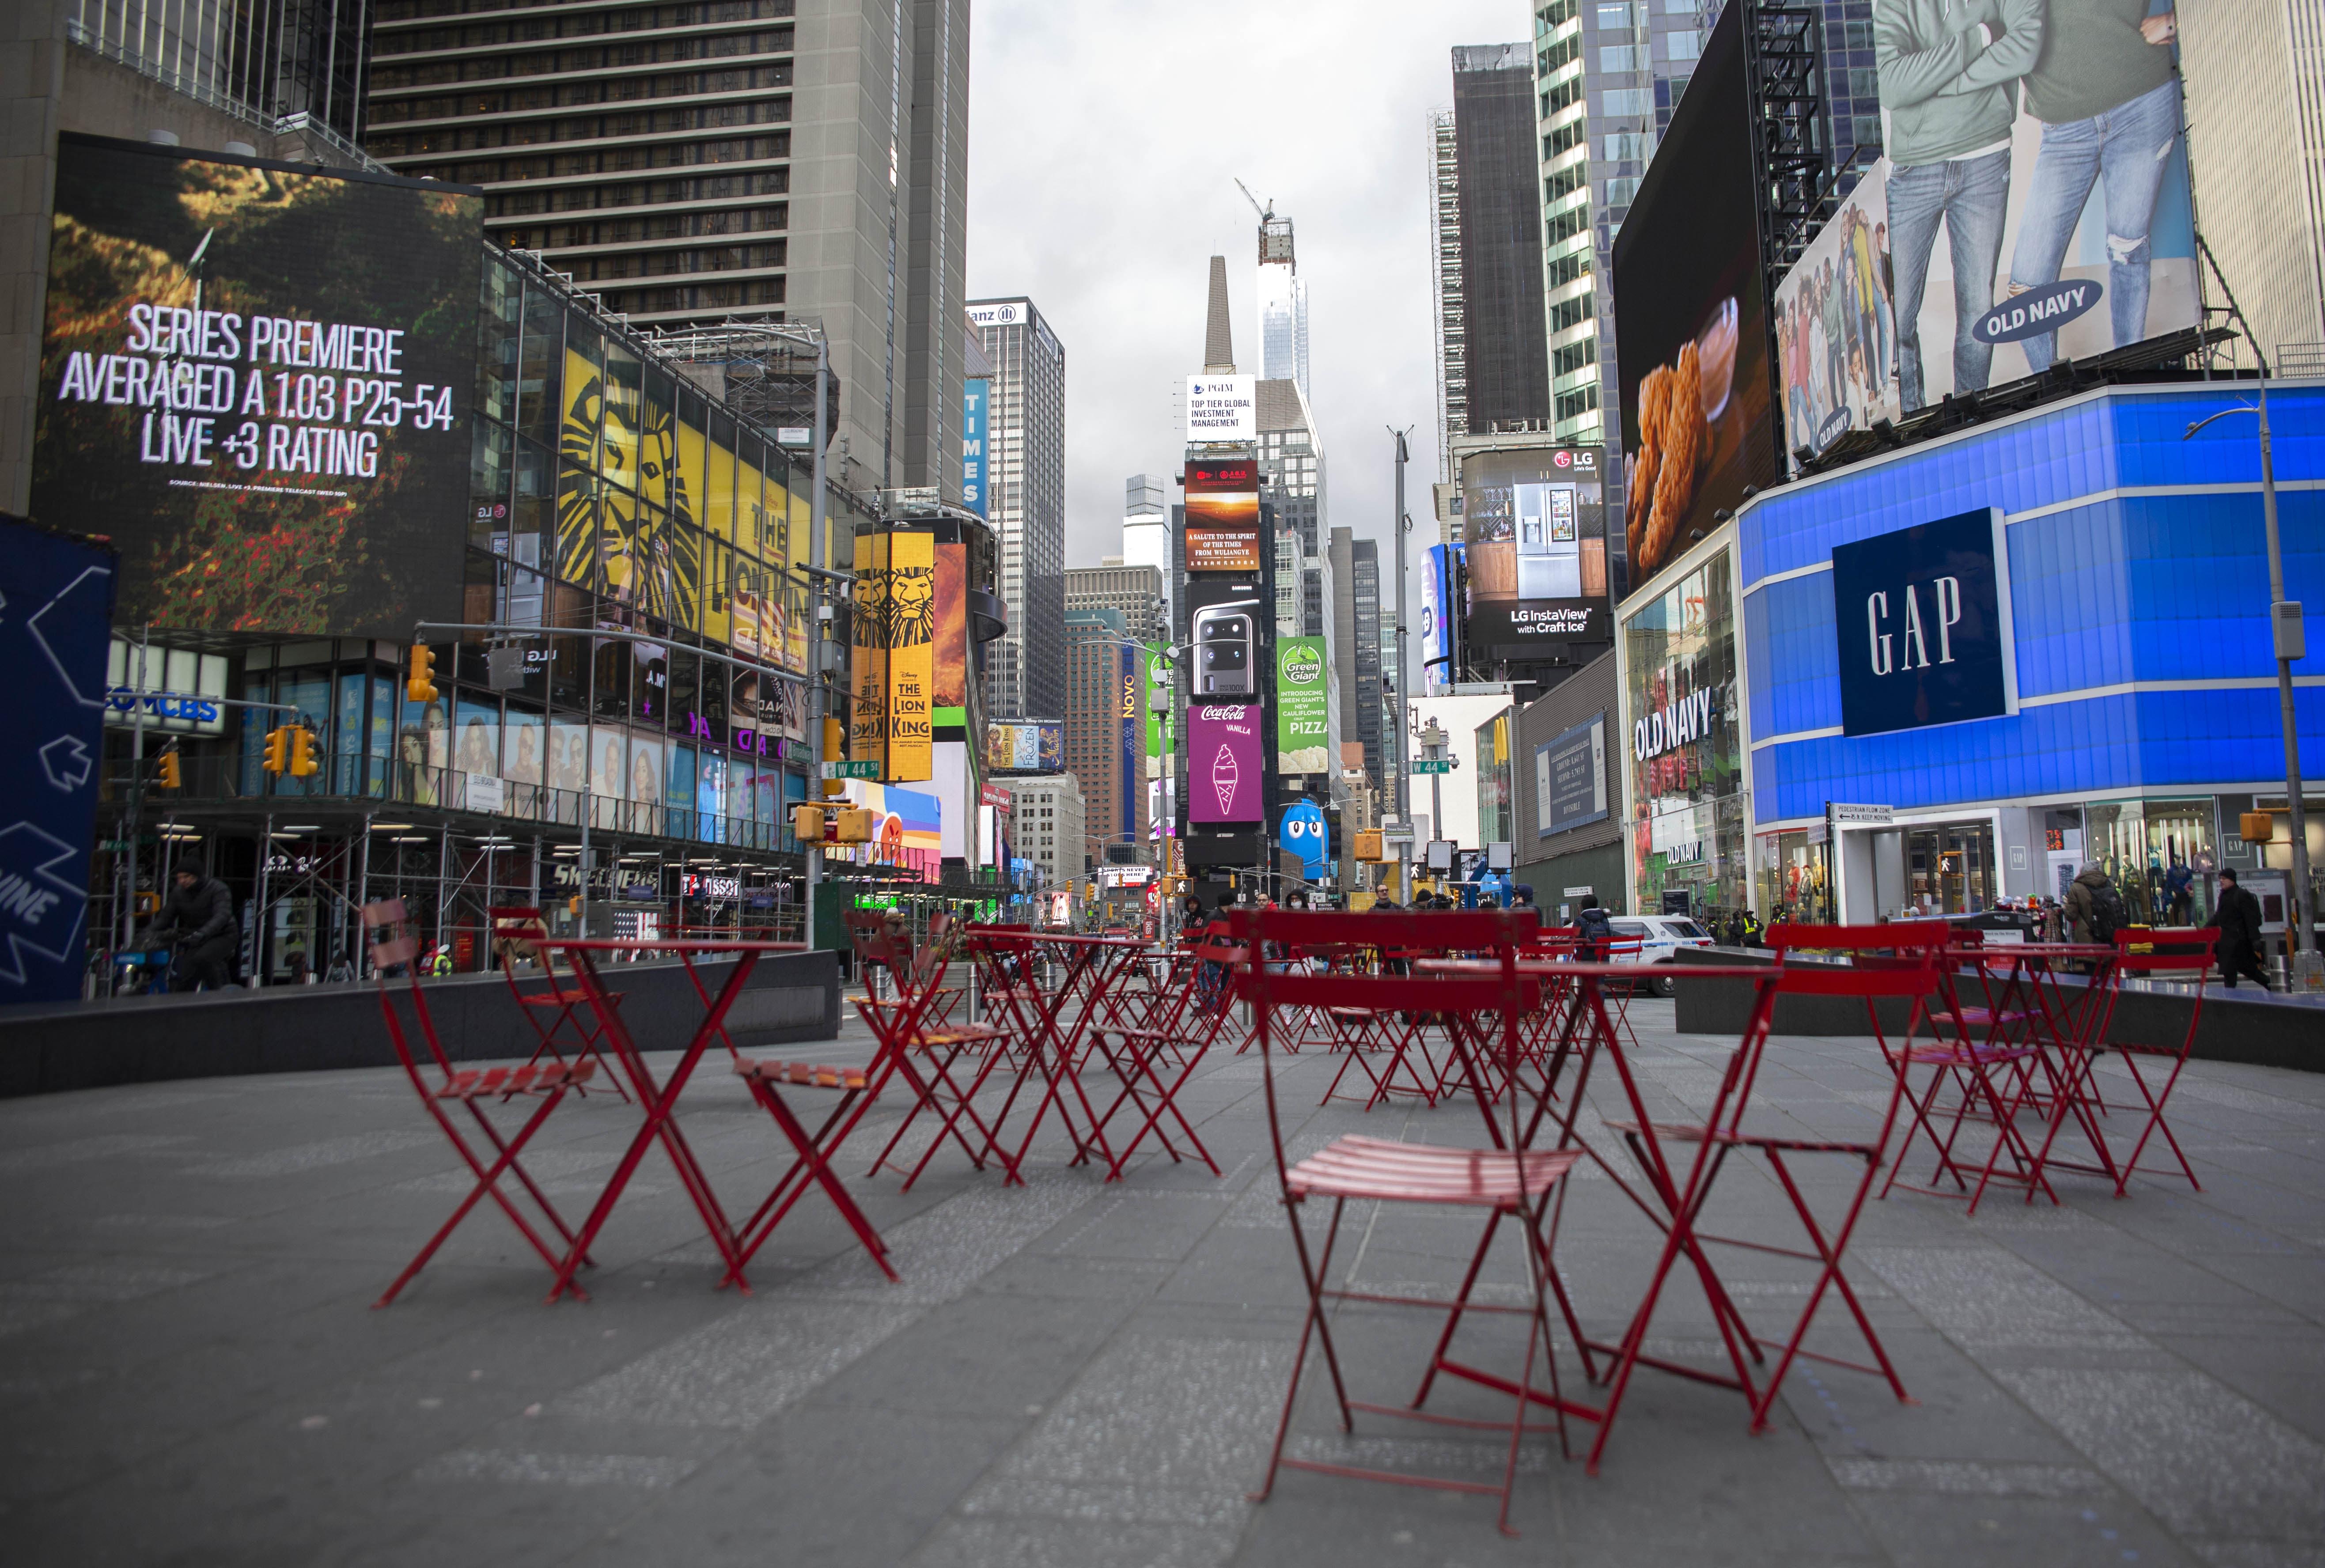 ほぼ無人と化したニューヨークのタイムズスクエア。従来の構造の都市では、パンデミック化で都市活動を継続するのは至難だ。感染爆発が顕著となった3月16日に撮影(撮影・新垣謙太郎)